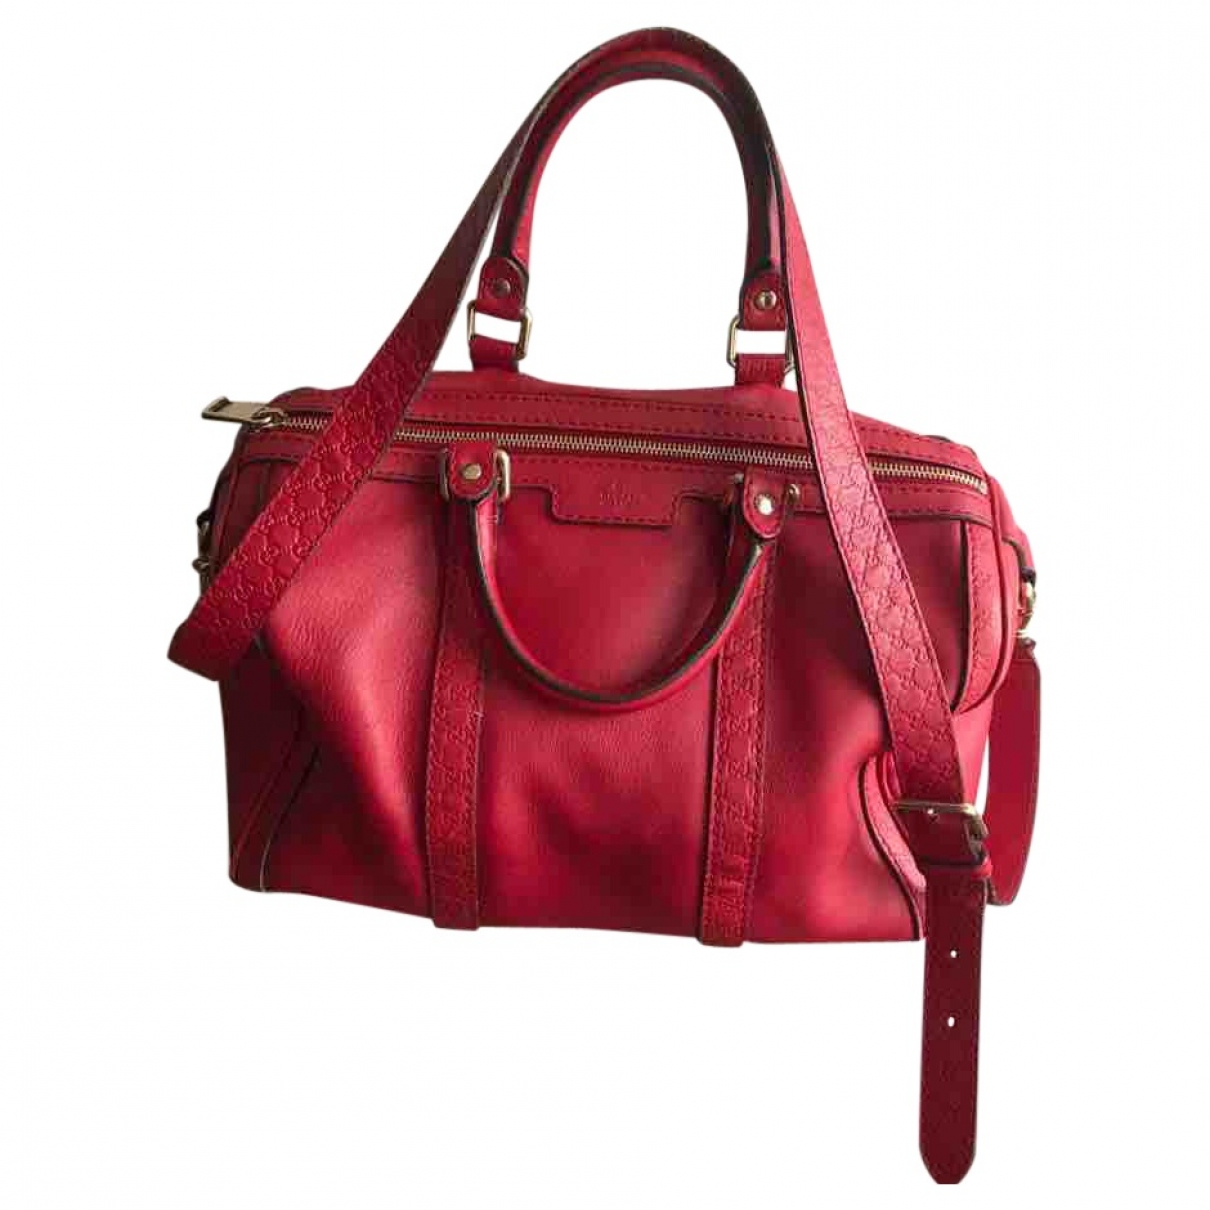 Gucci - Sac a main   pour femme en cuir - rouge